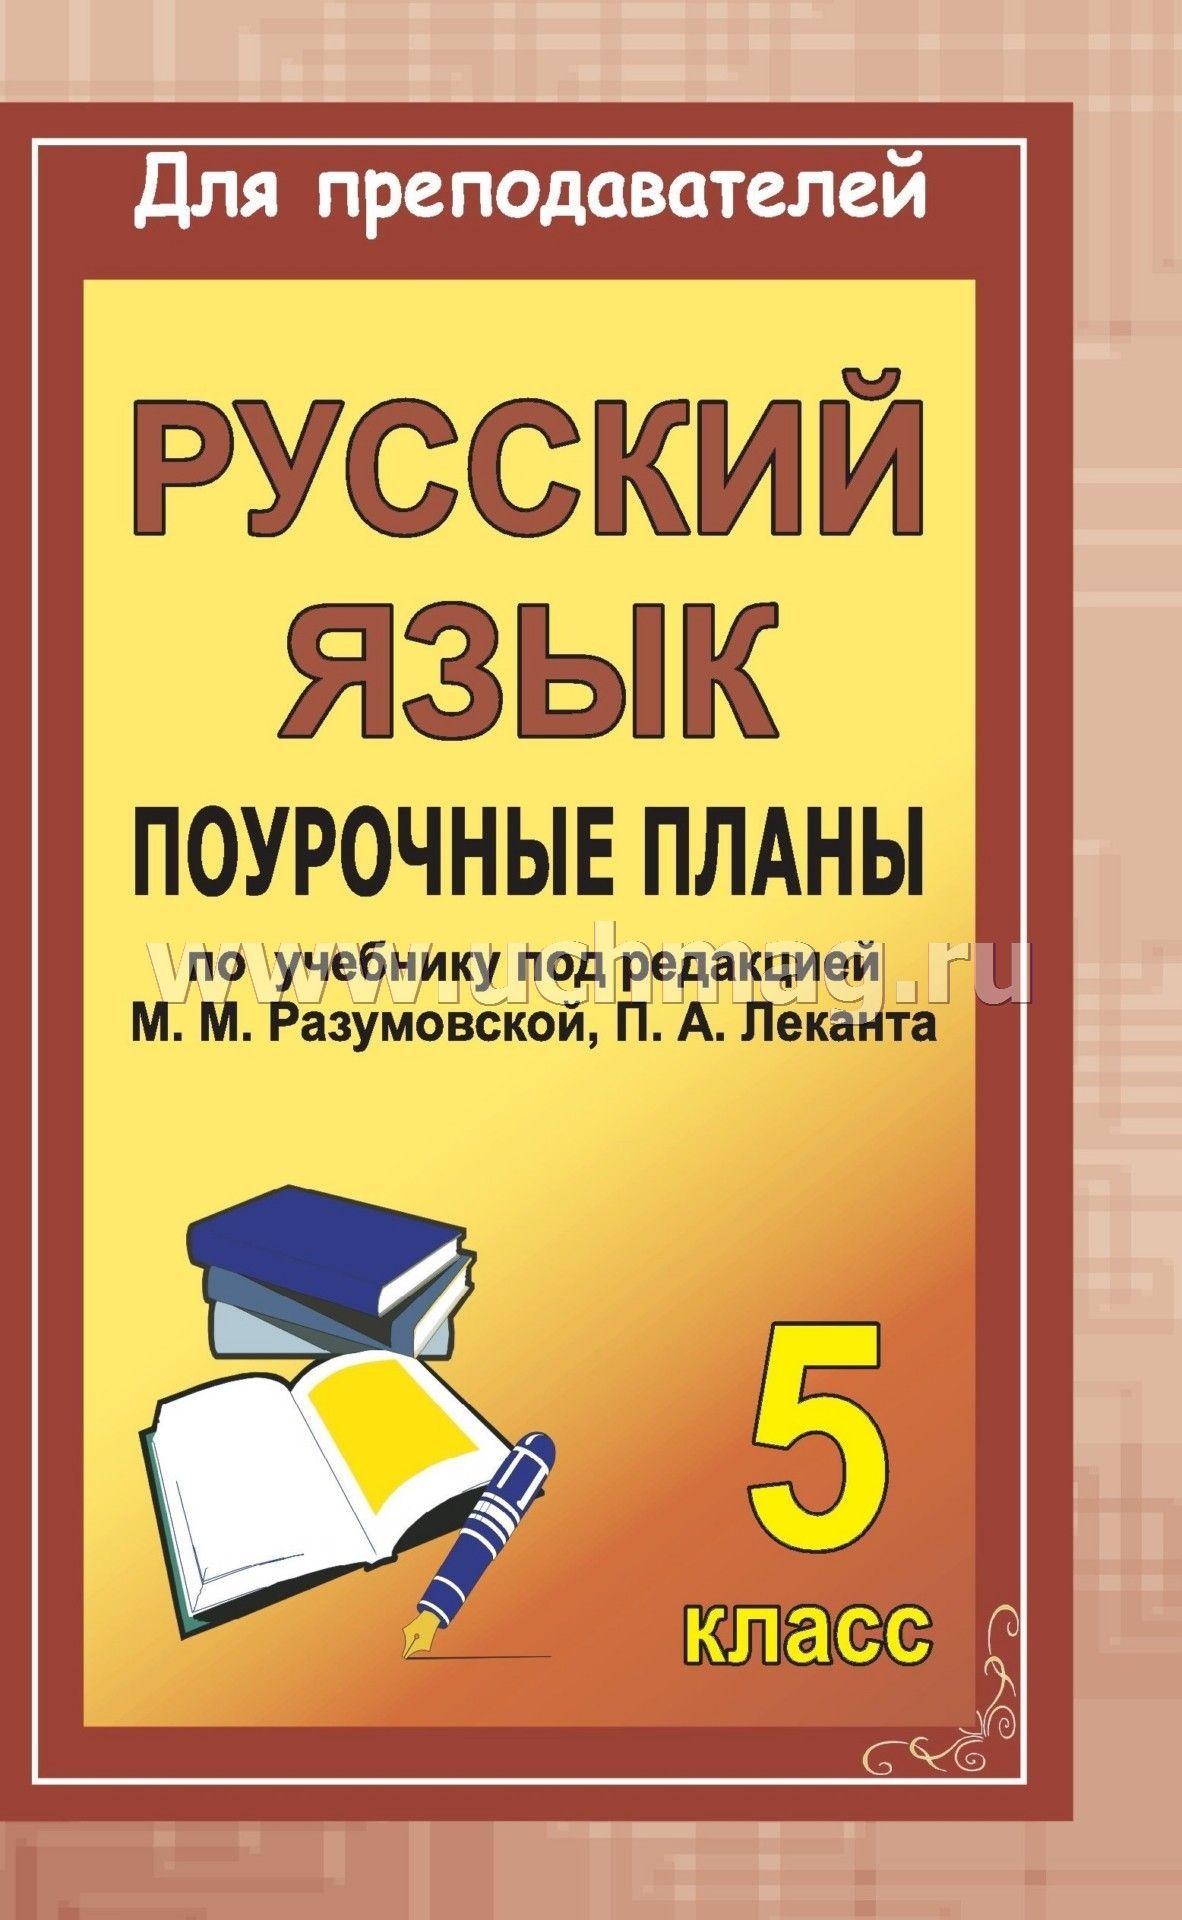 Поурочные разработки для 5 класса по русскому языку разумовская скачать